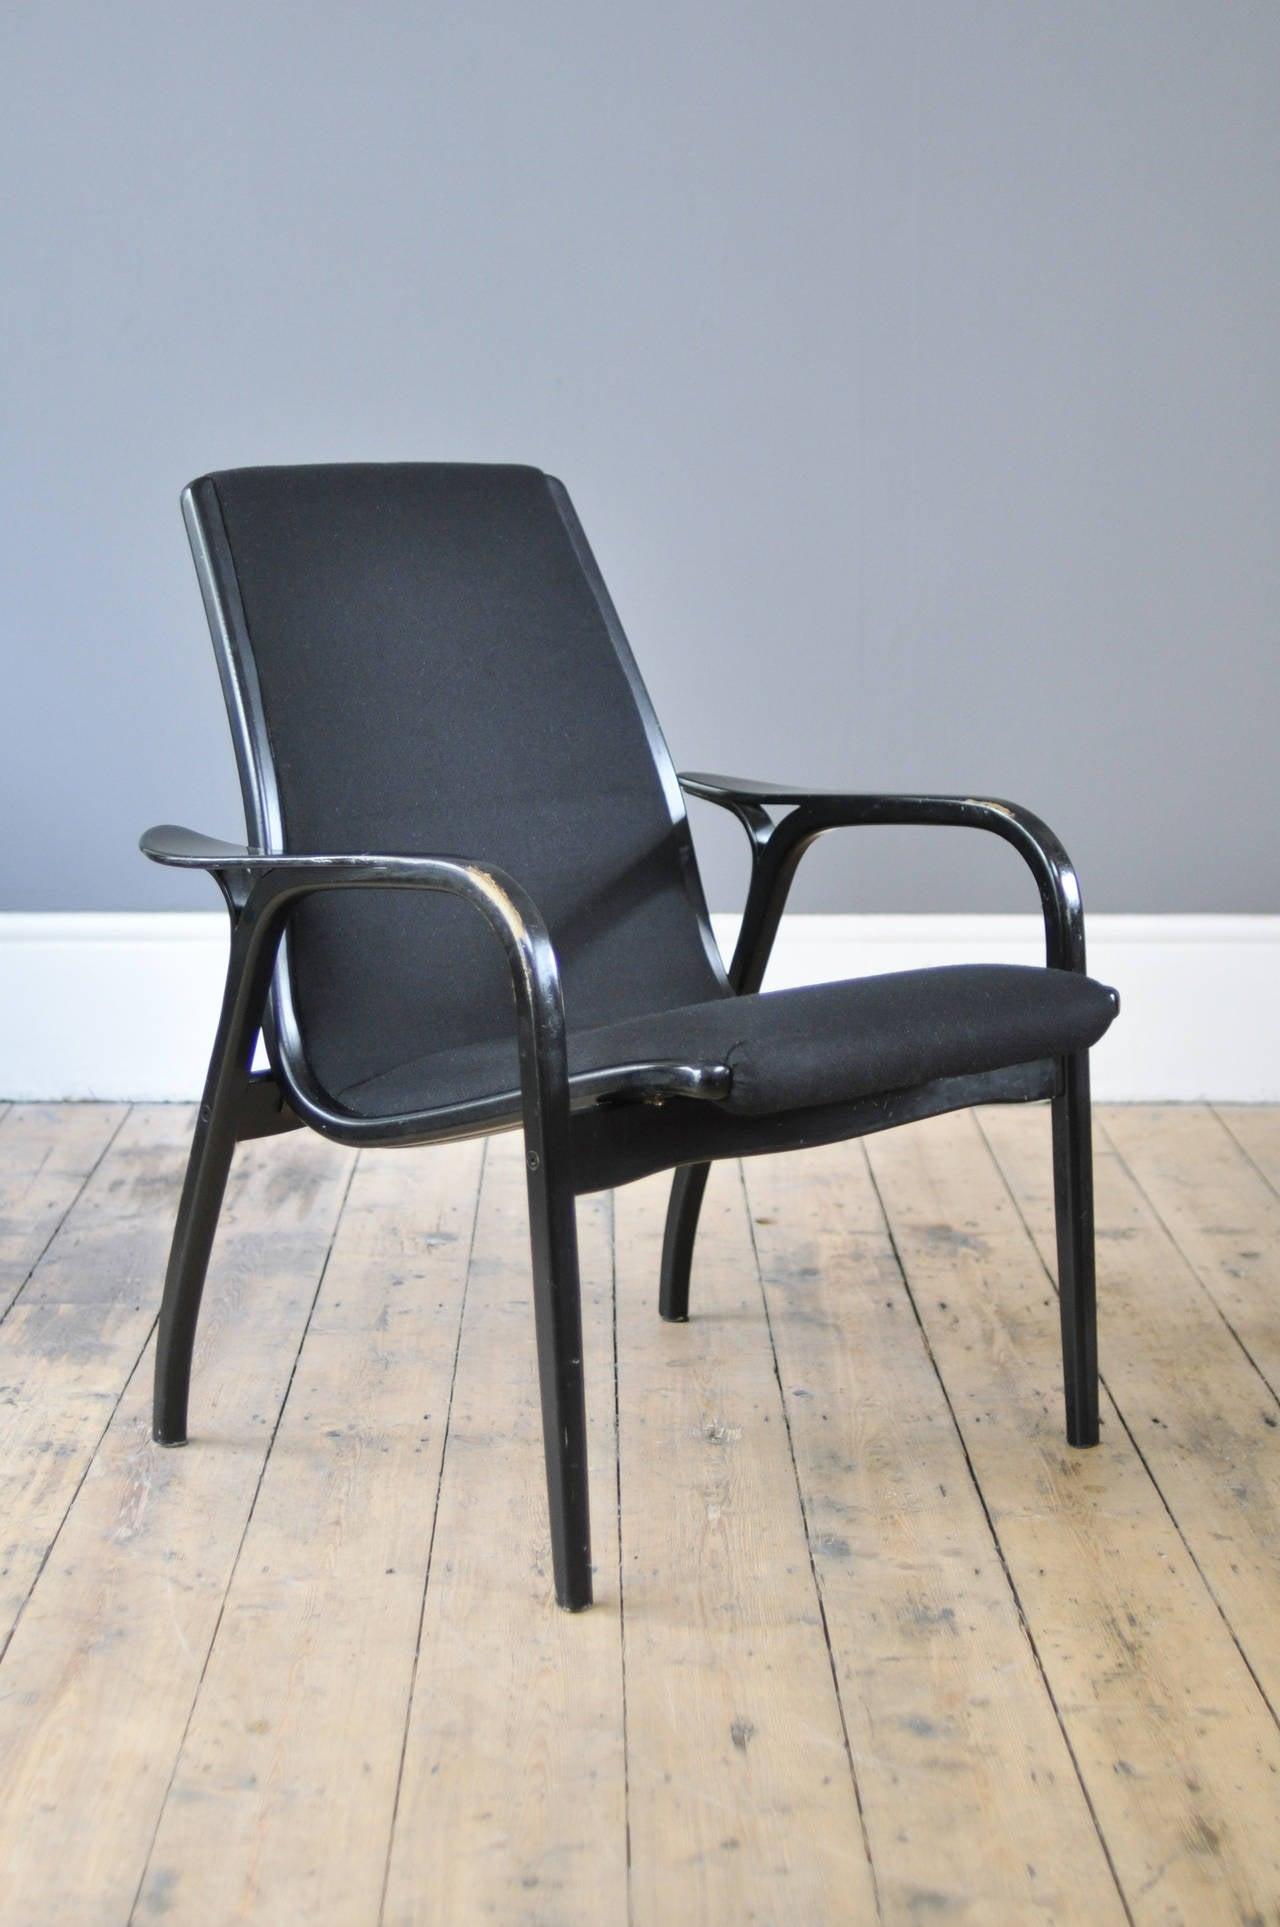 Laminett Lounge Chair by Yngve Ekström for Swedese at 1stdibs